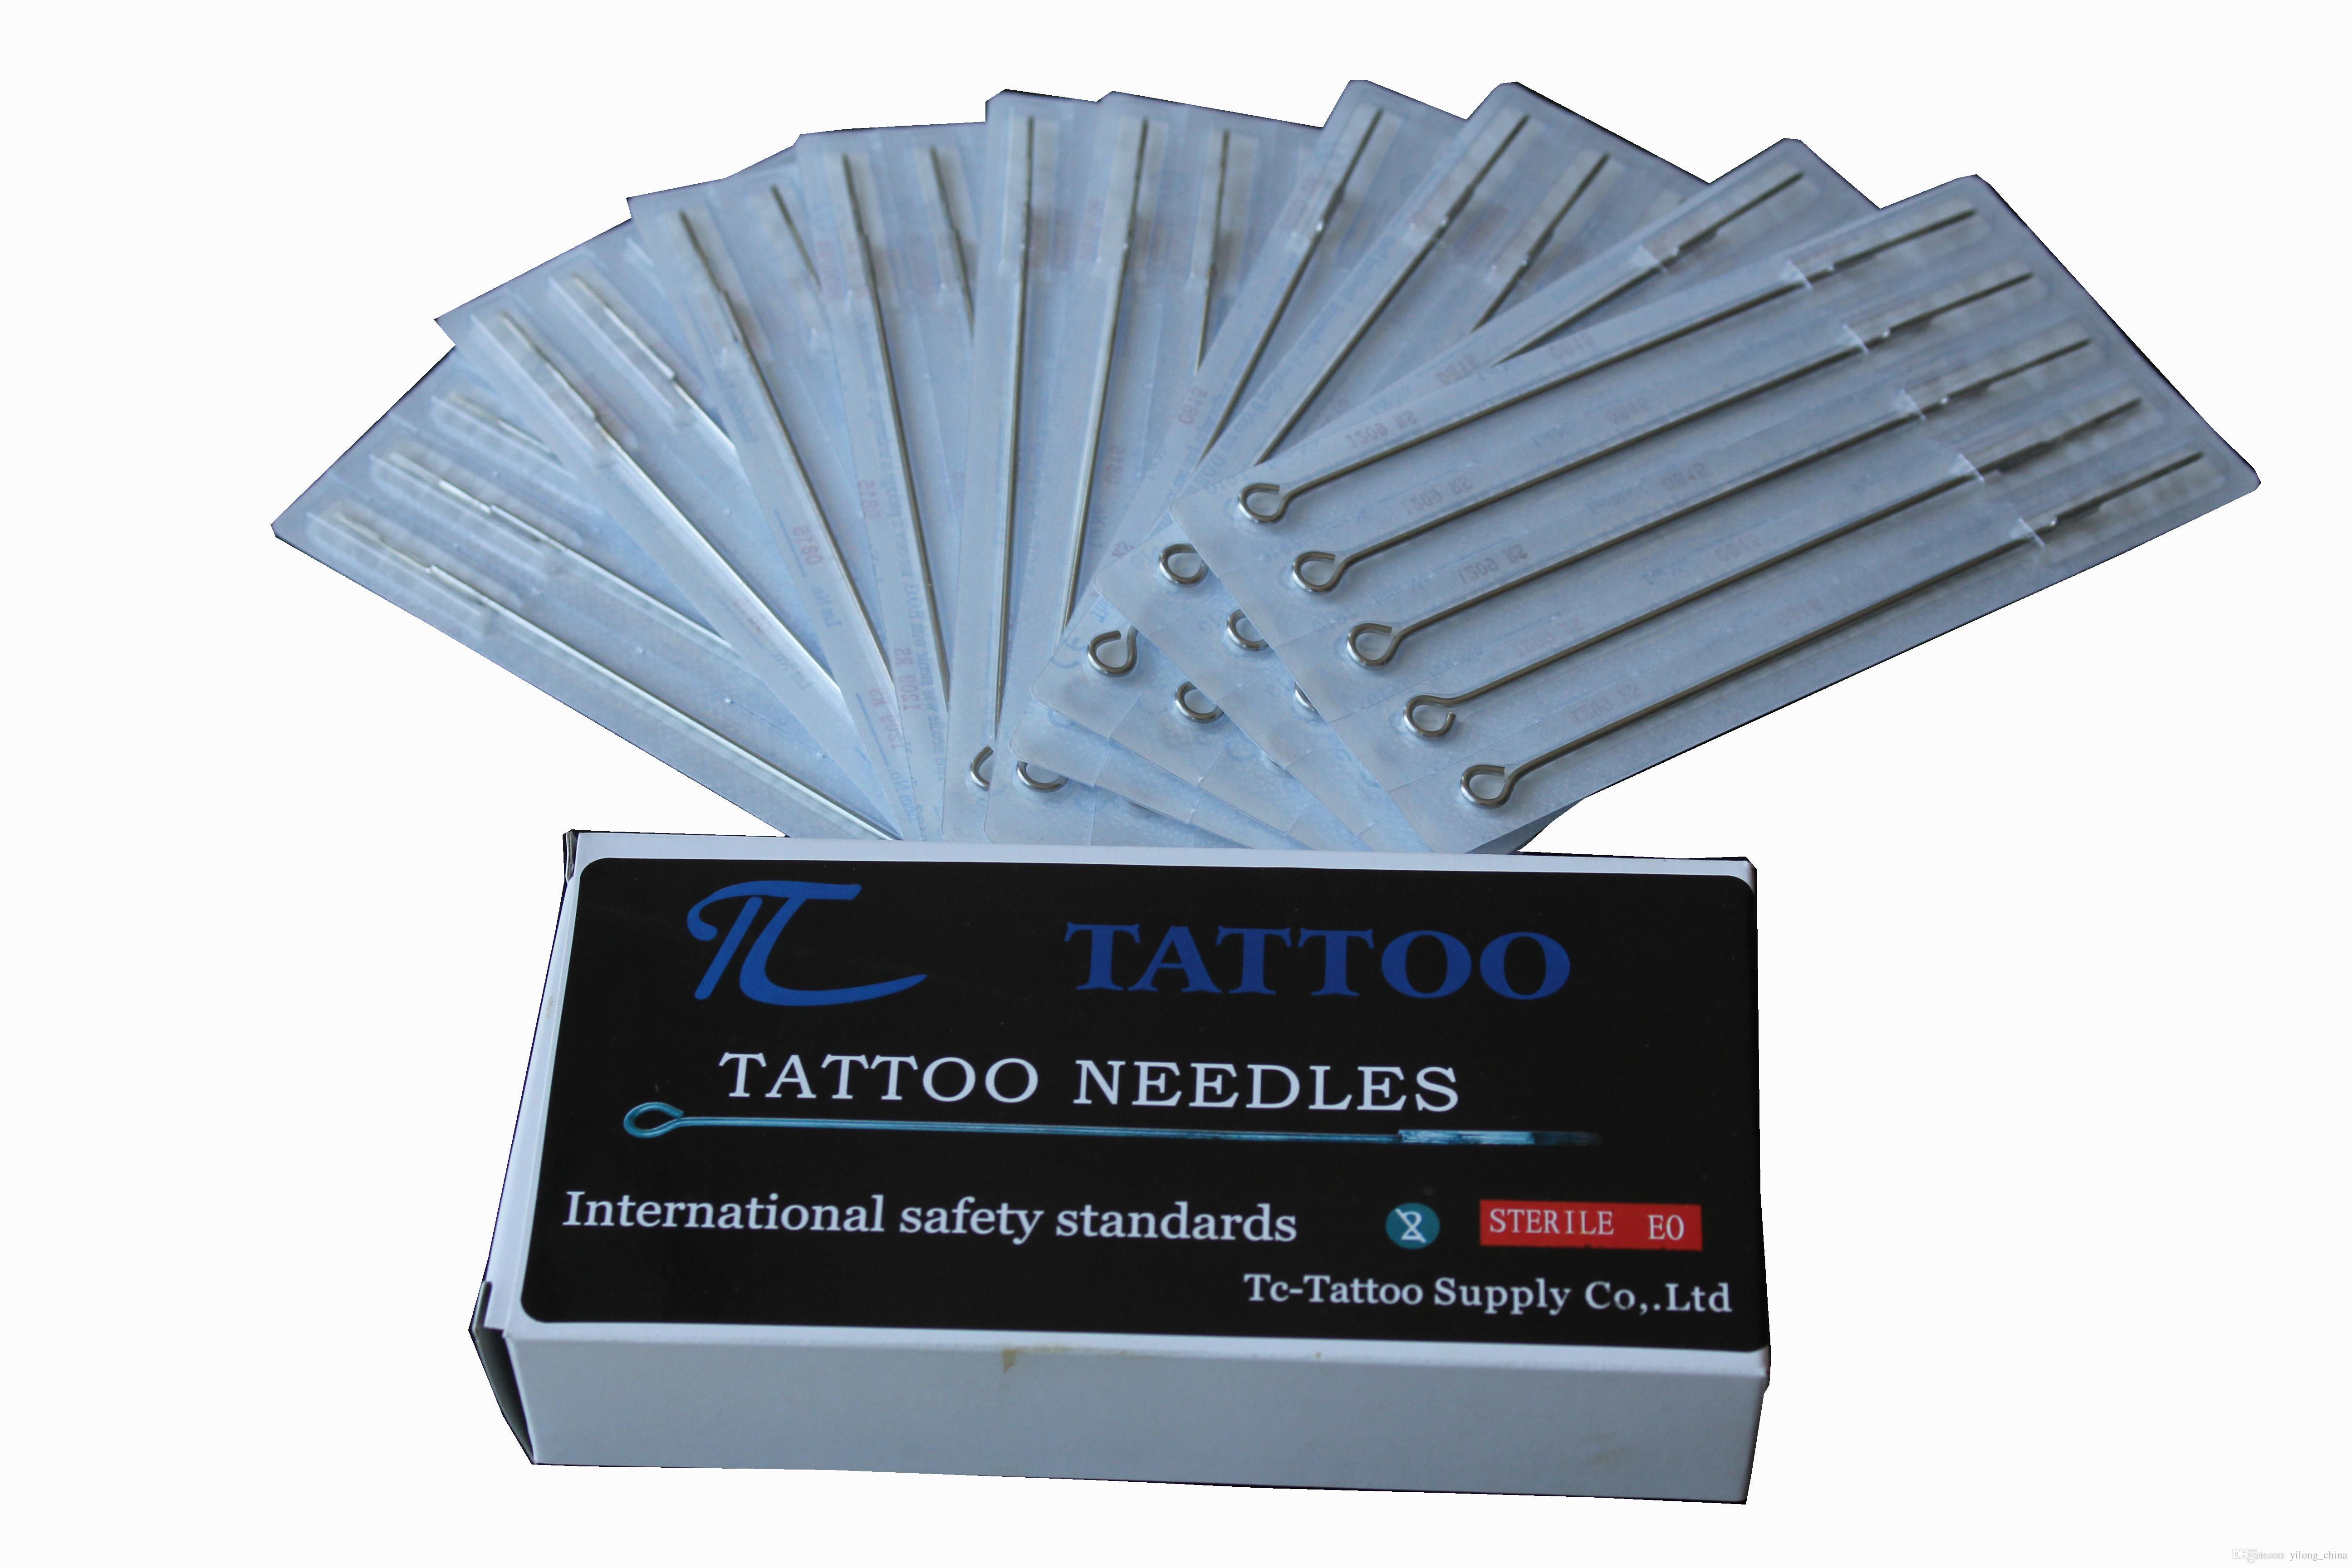 Yüksek Kalite Rahat Yeni 50 ADET 3RL Profesyonel Dövme Makinesi Paslanmaz Çelik Steril Tek Kullanımlık Dövme İğne